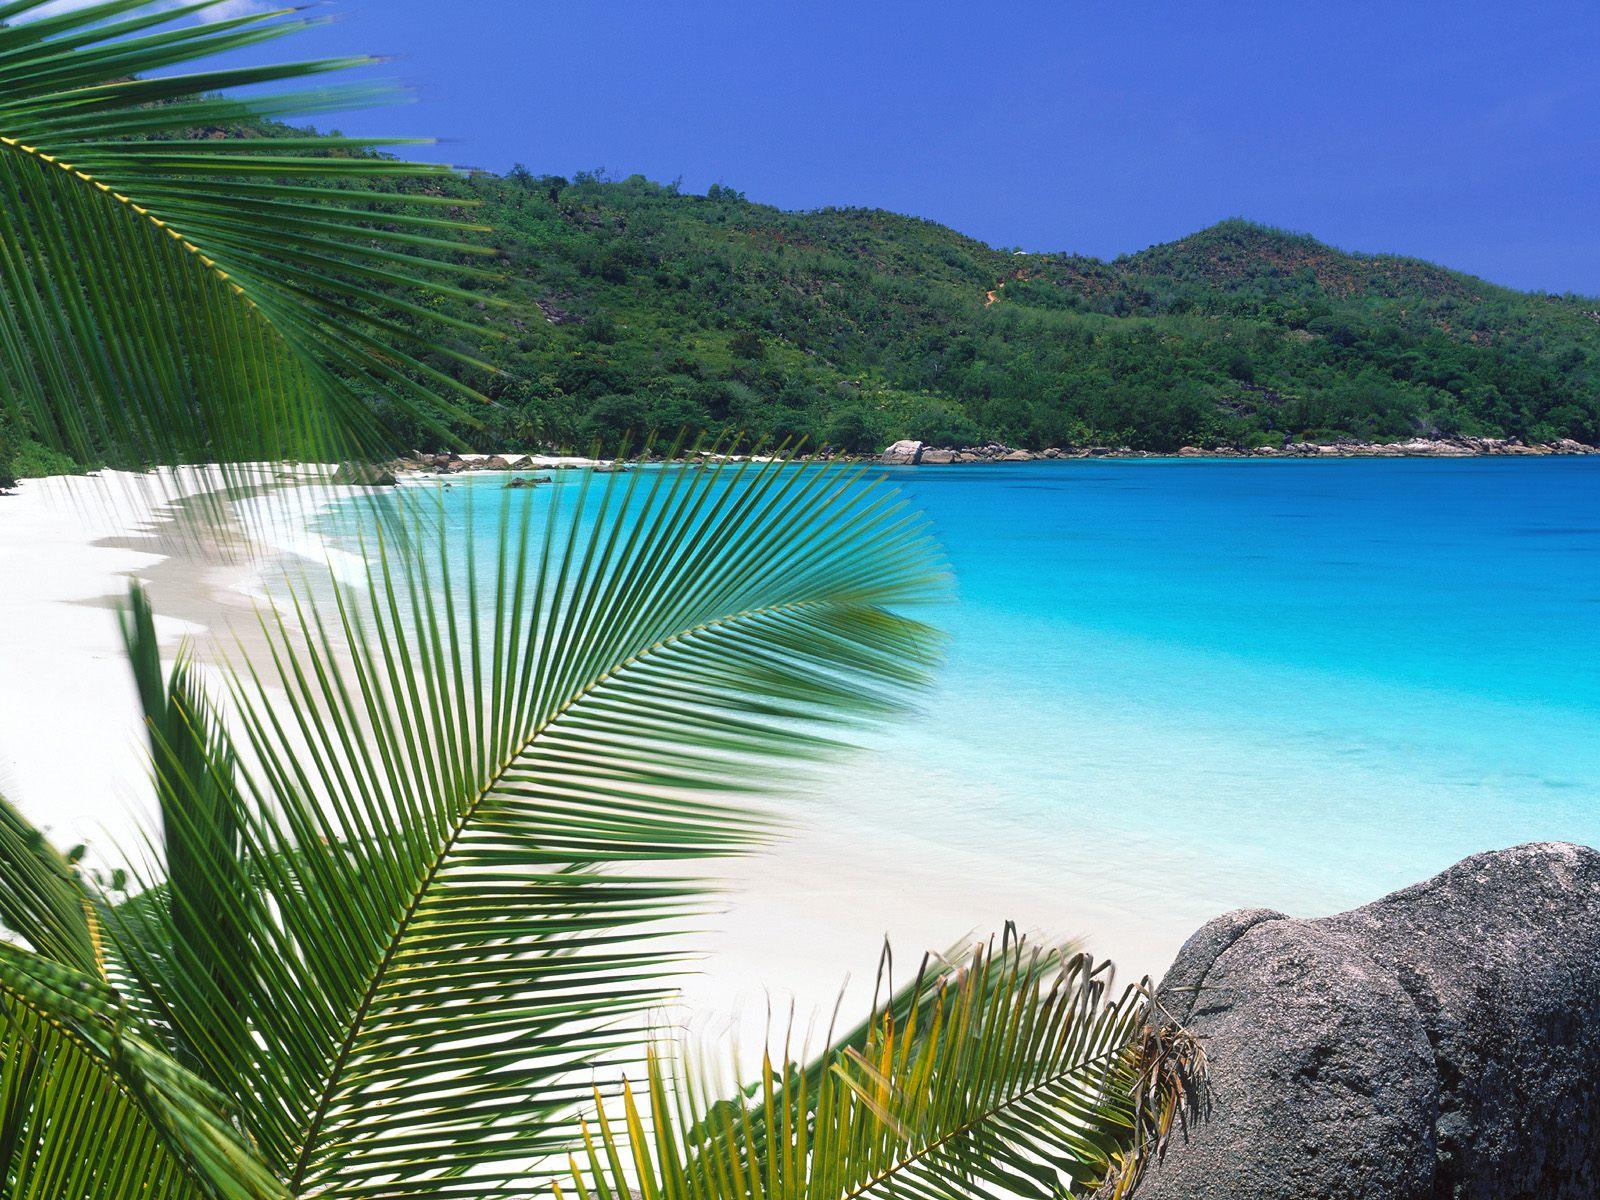 Tropical Beach Wallpaper Widescreen 1 1600x1200